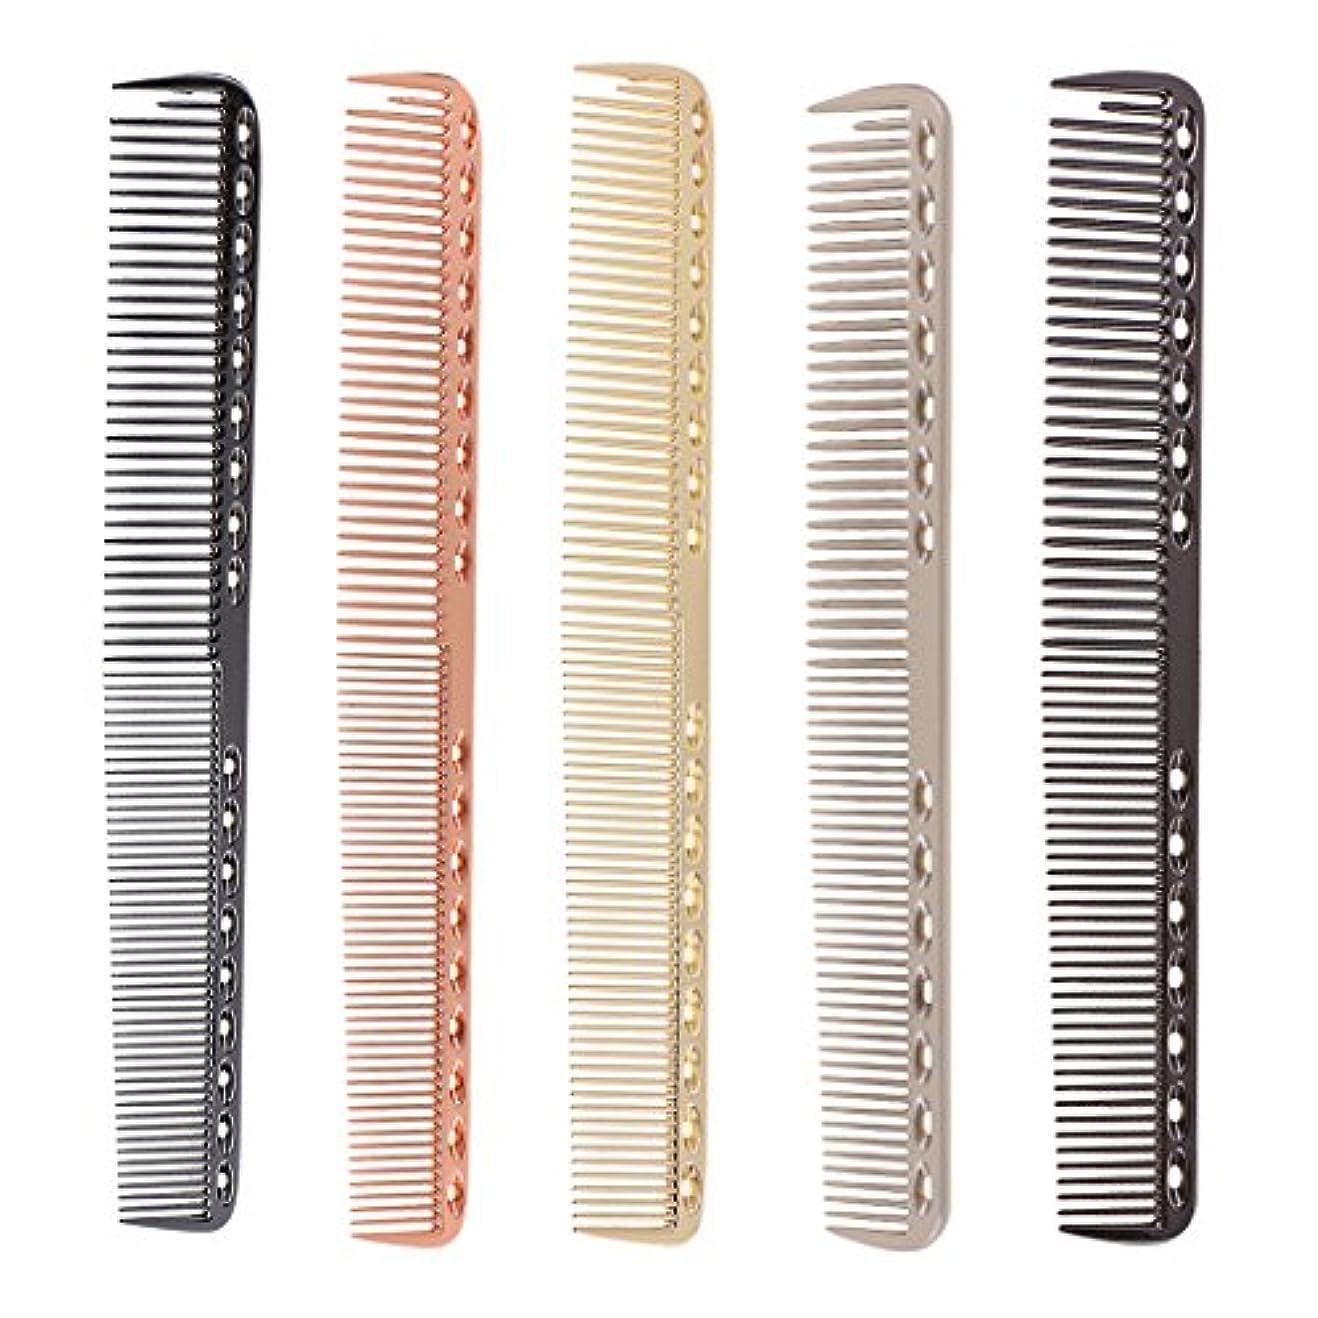 童謡アンプ練る5個入り 髪の櫛 櫛 超軽量 アルミ サロン 理髪師 ヘアカット ヘアカッティング